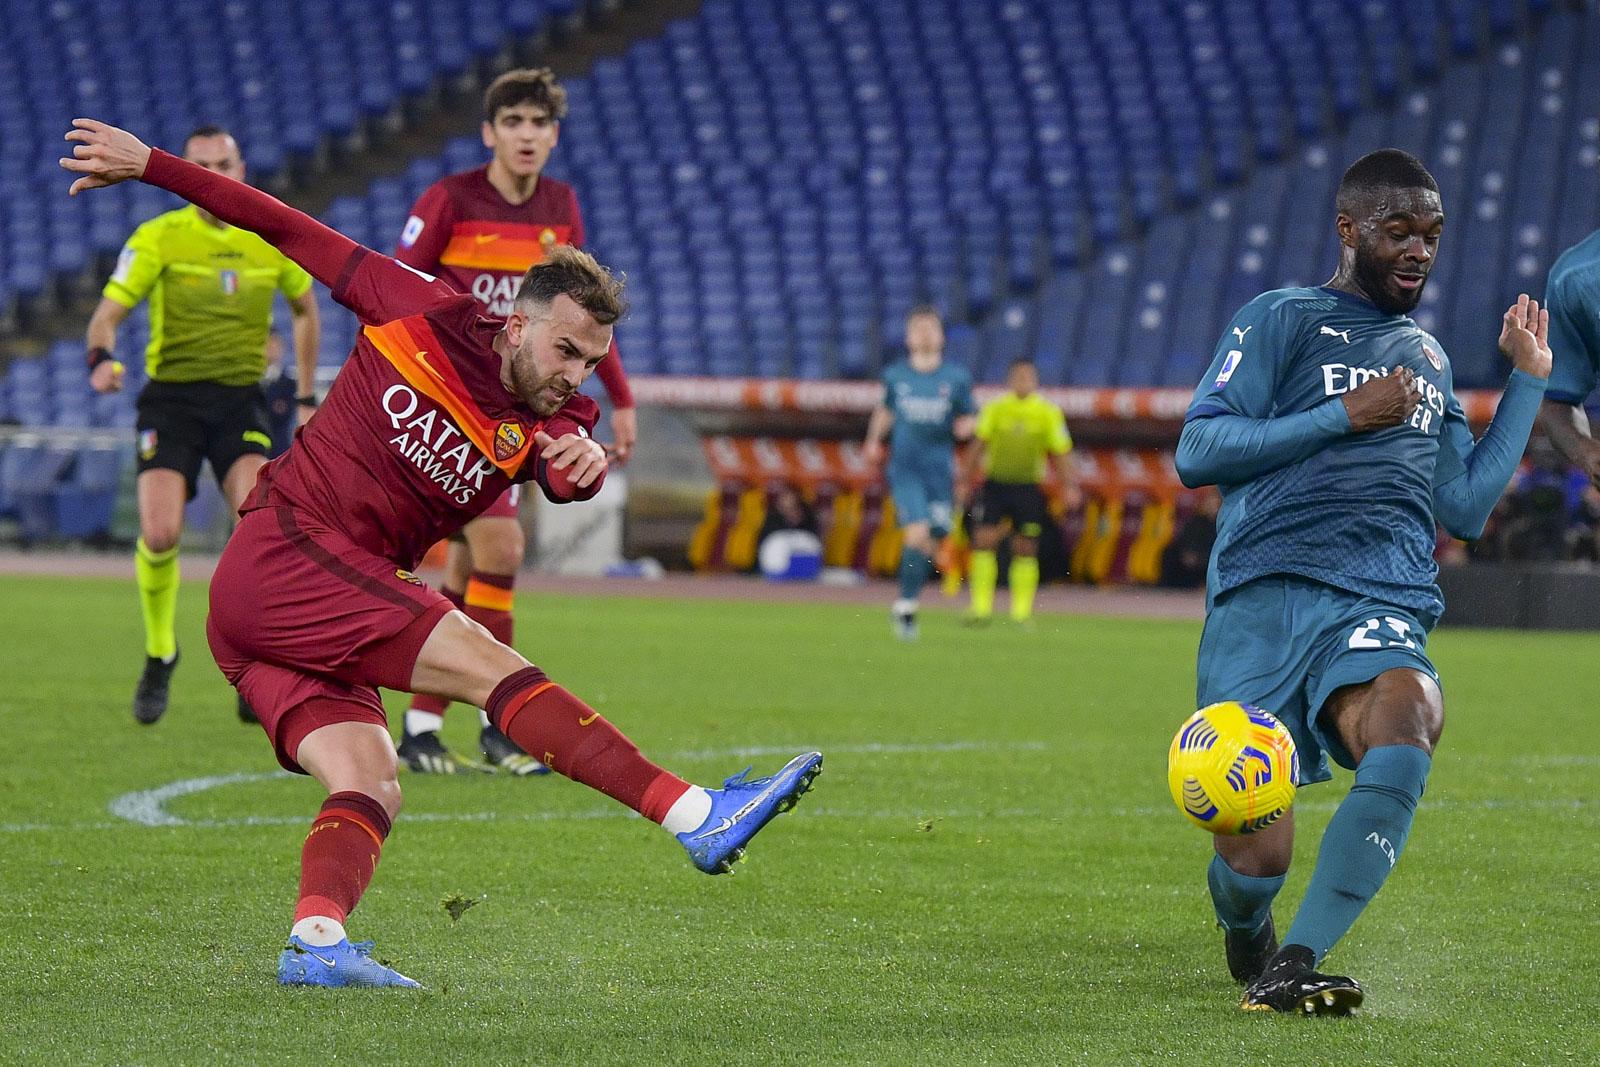 Roma Milan 1 2, rossoneri di misura: Tabellino e Highlights